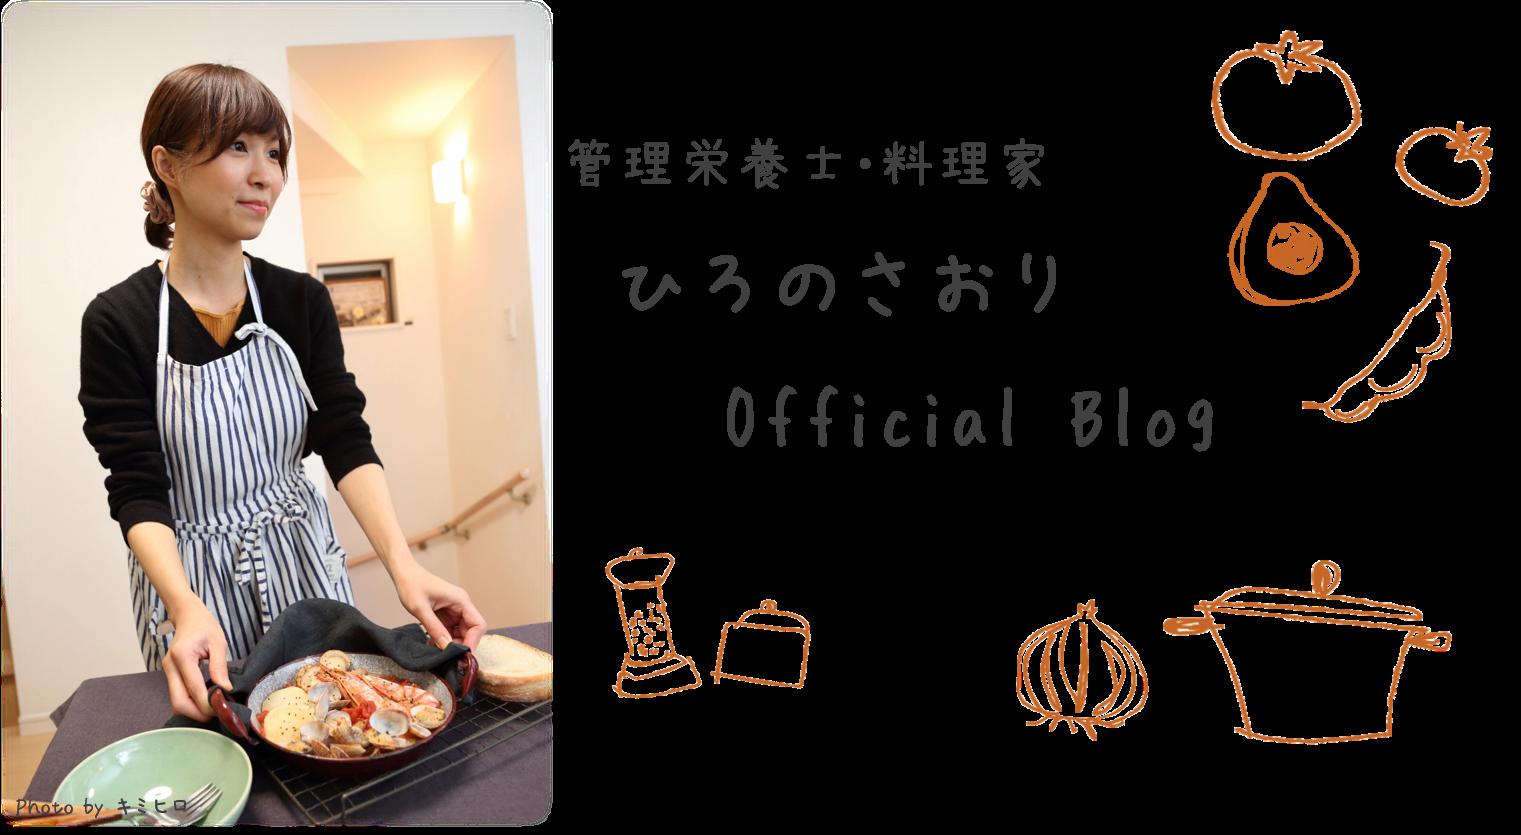 管理栄養士・料理家 廣野沙織(ひろのさおり)オフィシャルブログ